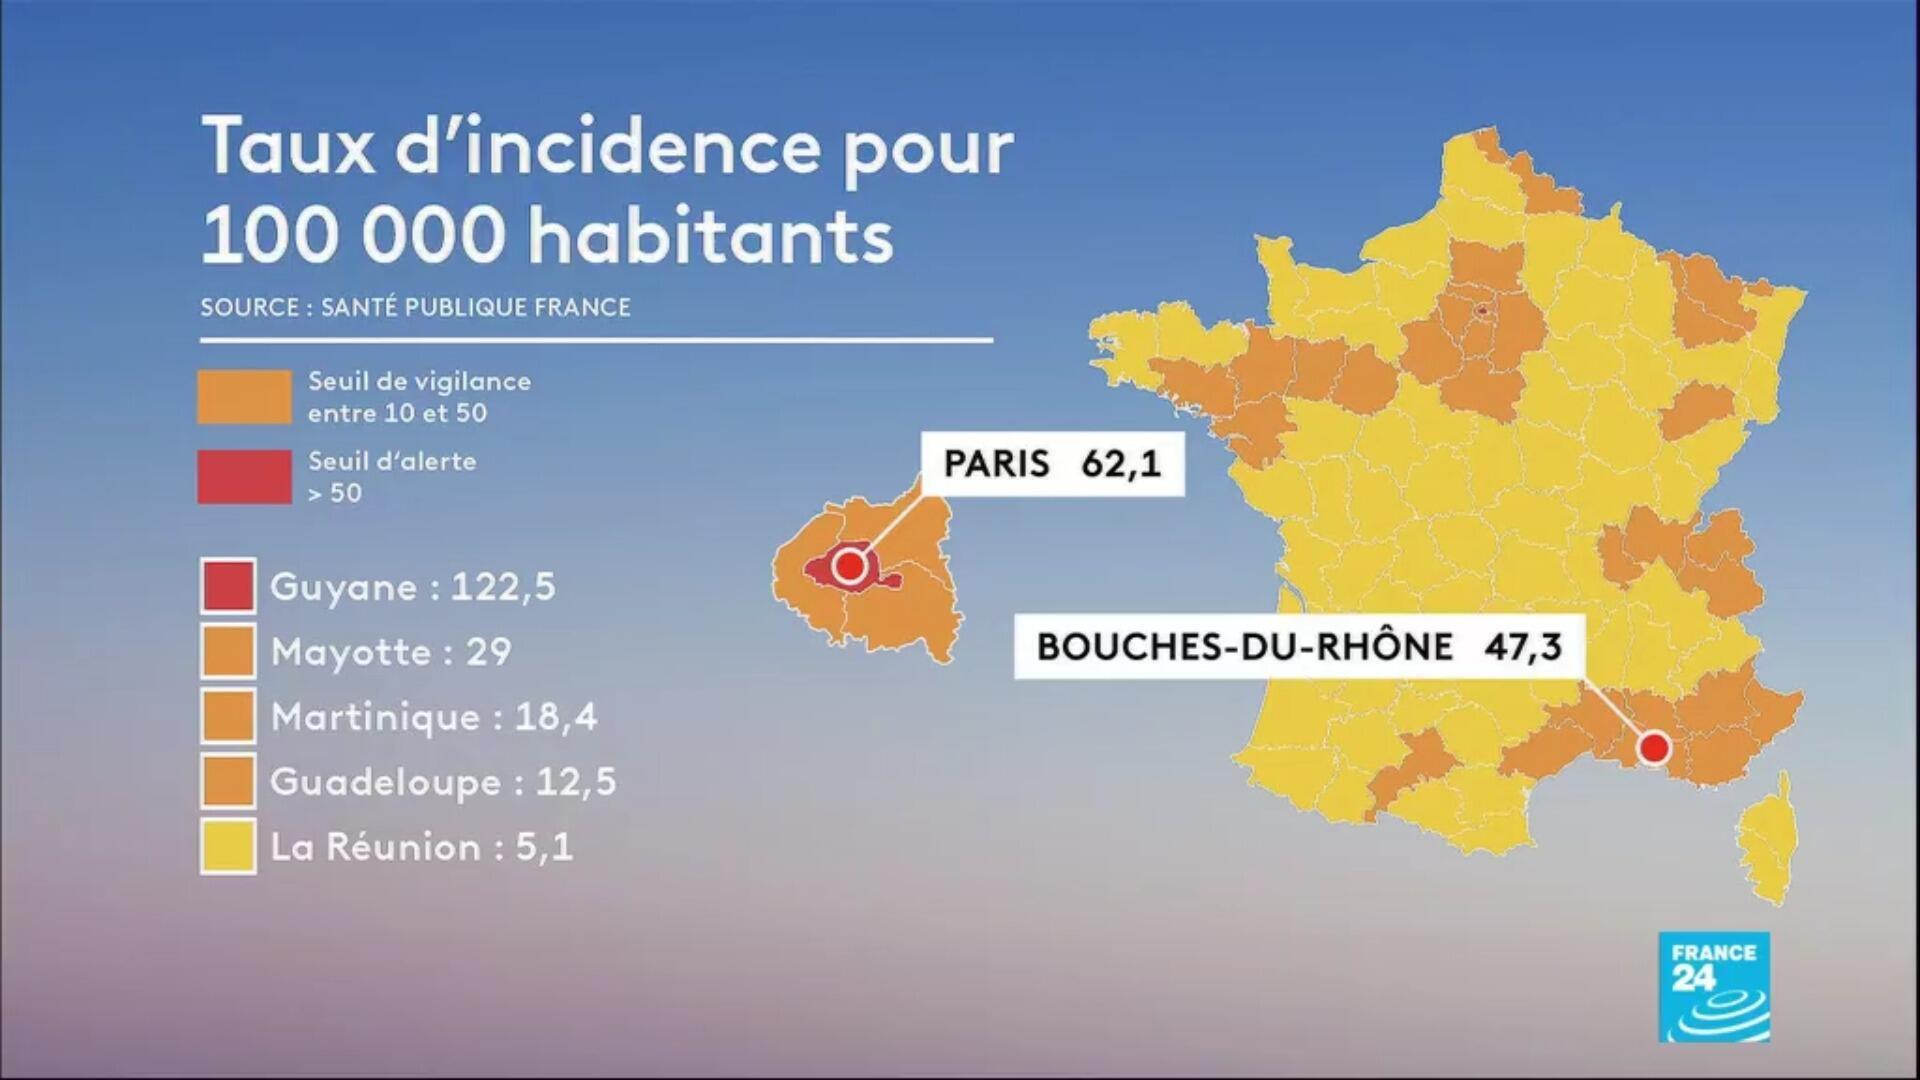 Taux d'incidence pour 100 000 habitants